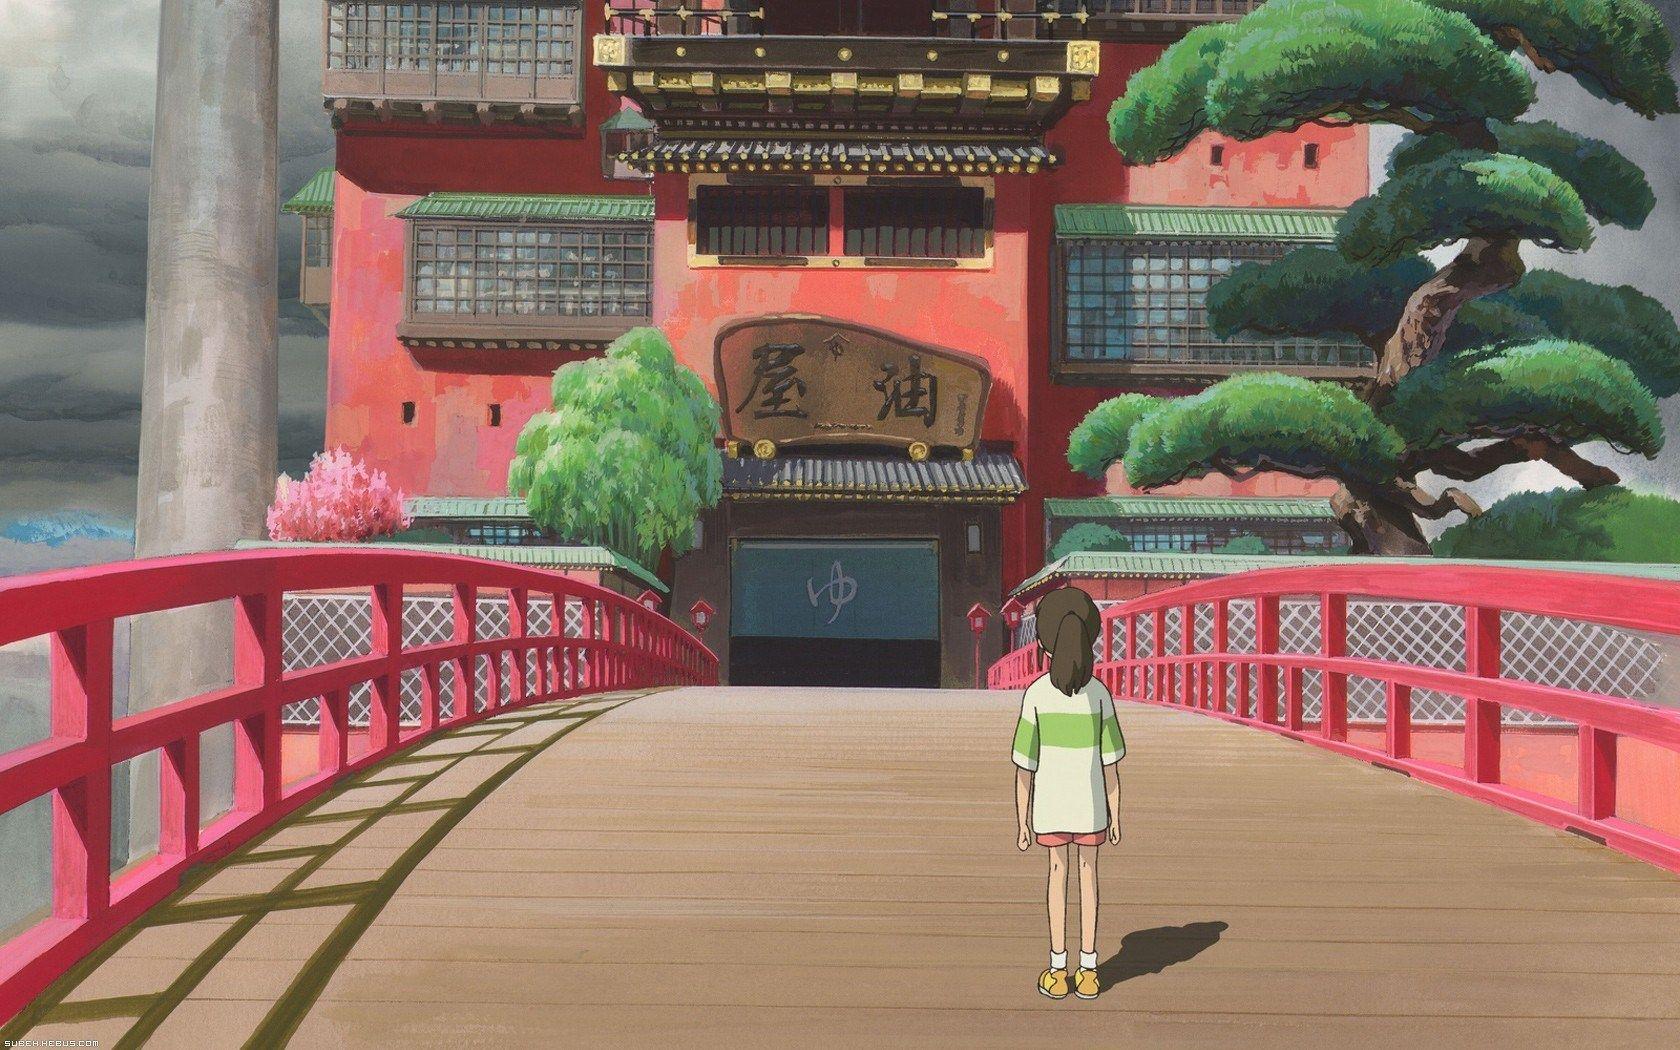 L'incarnation de la sensibilité japonaise (Miazaki, Le Voyage de Chihiro)